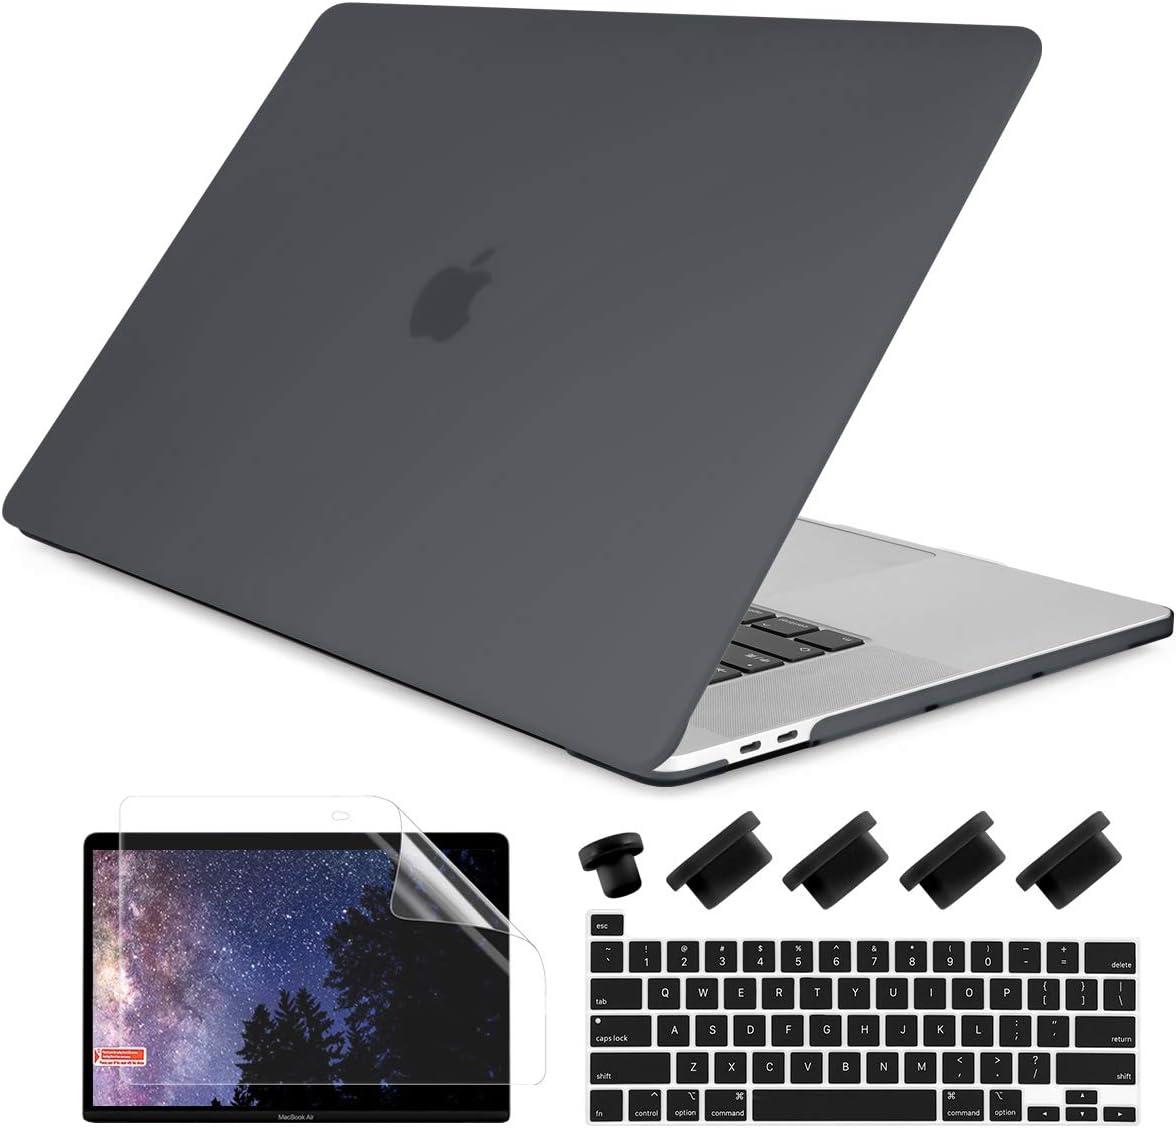 Funda, Protector Pantalla Y Teclado Macbook Pro 16 2020/19